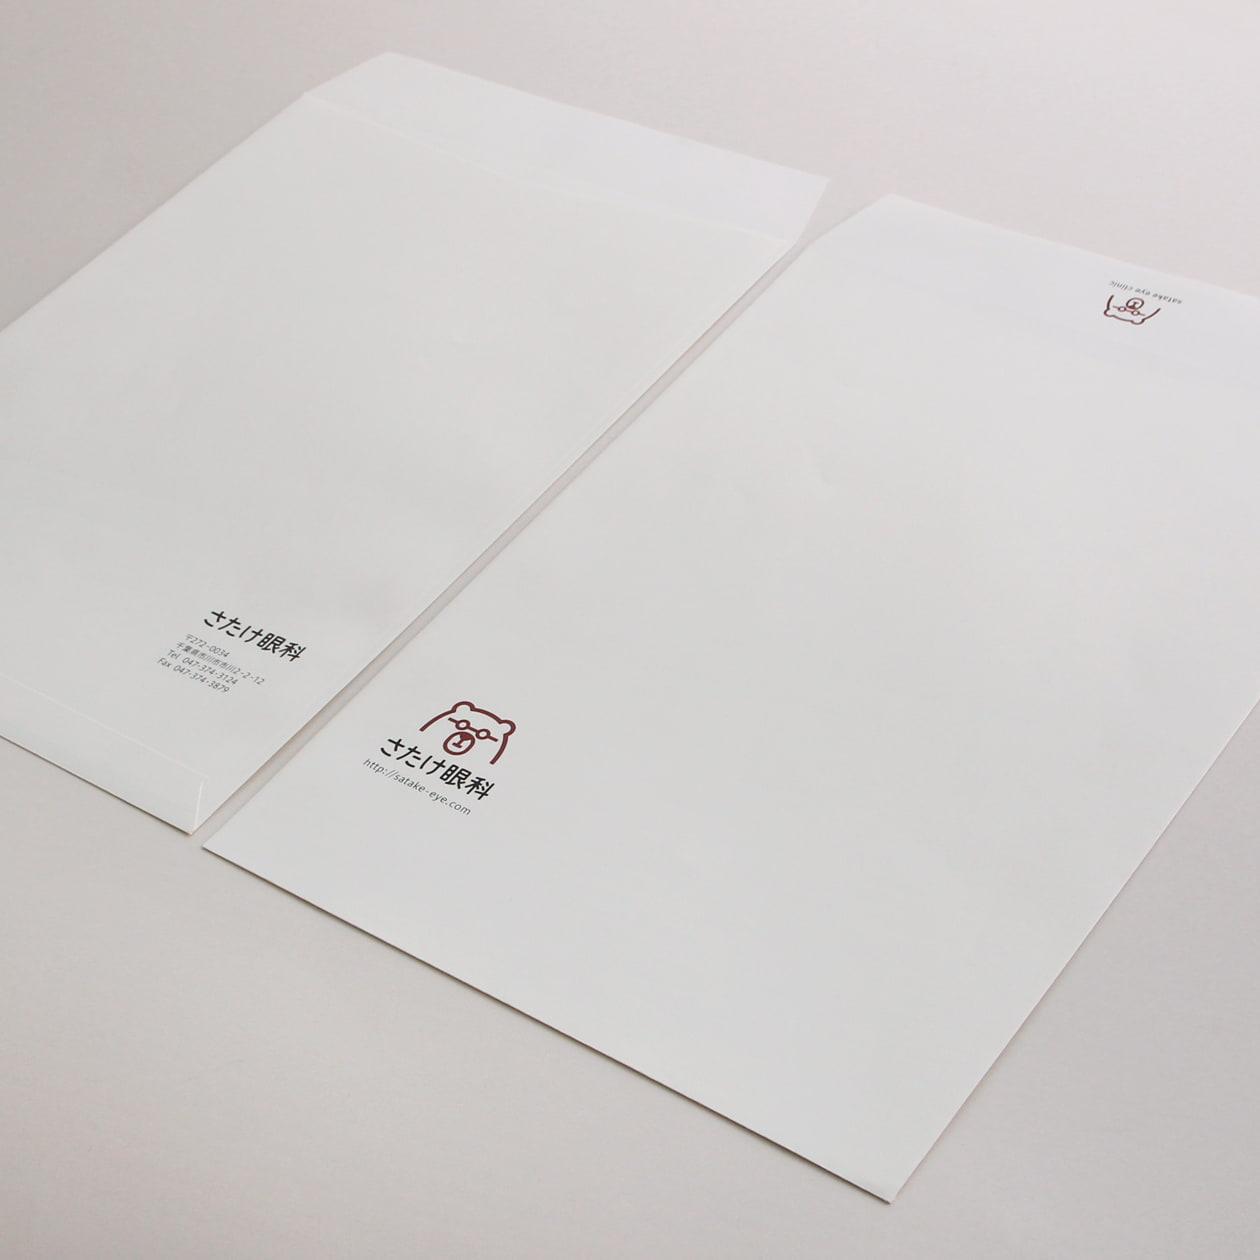 白くやわらかい風合いの紙を使用した病院の封筒(HAGURUMA Basic プレインホワイト)